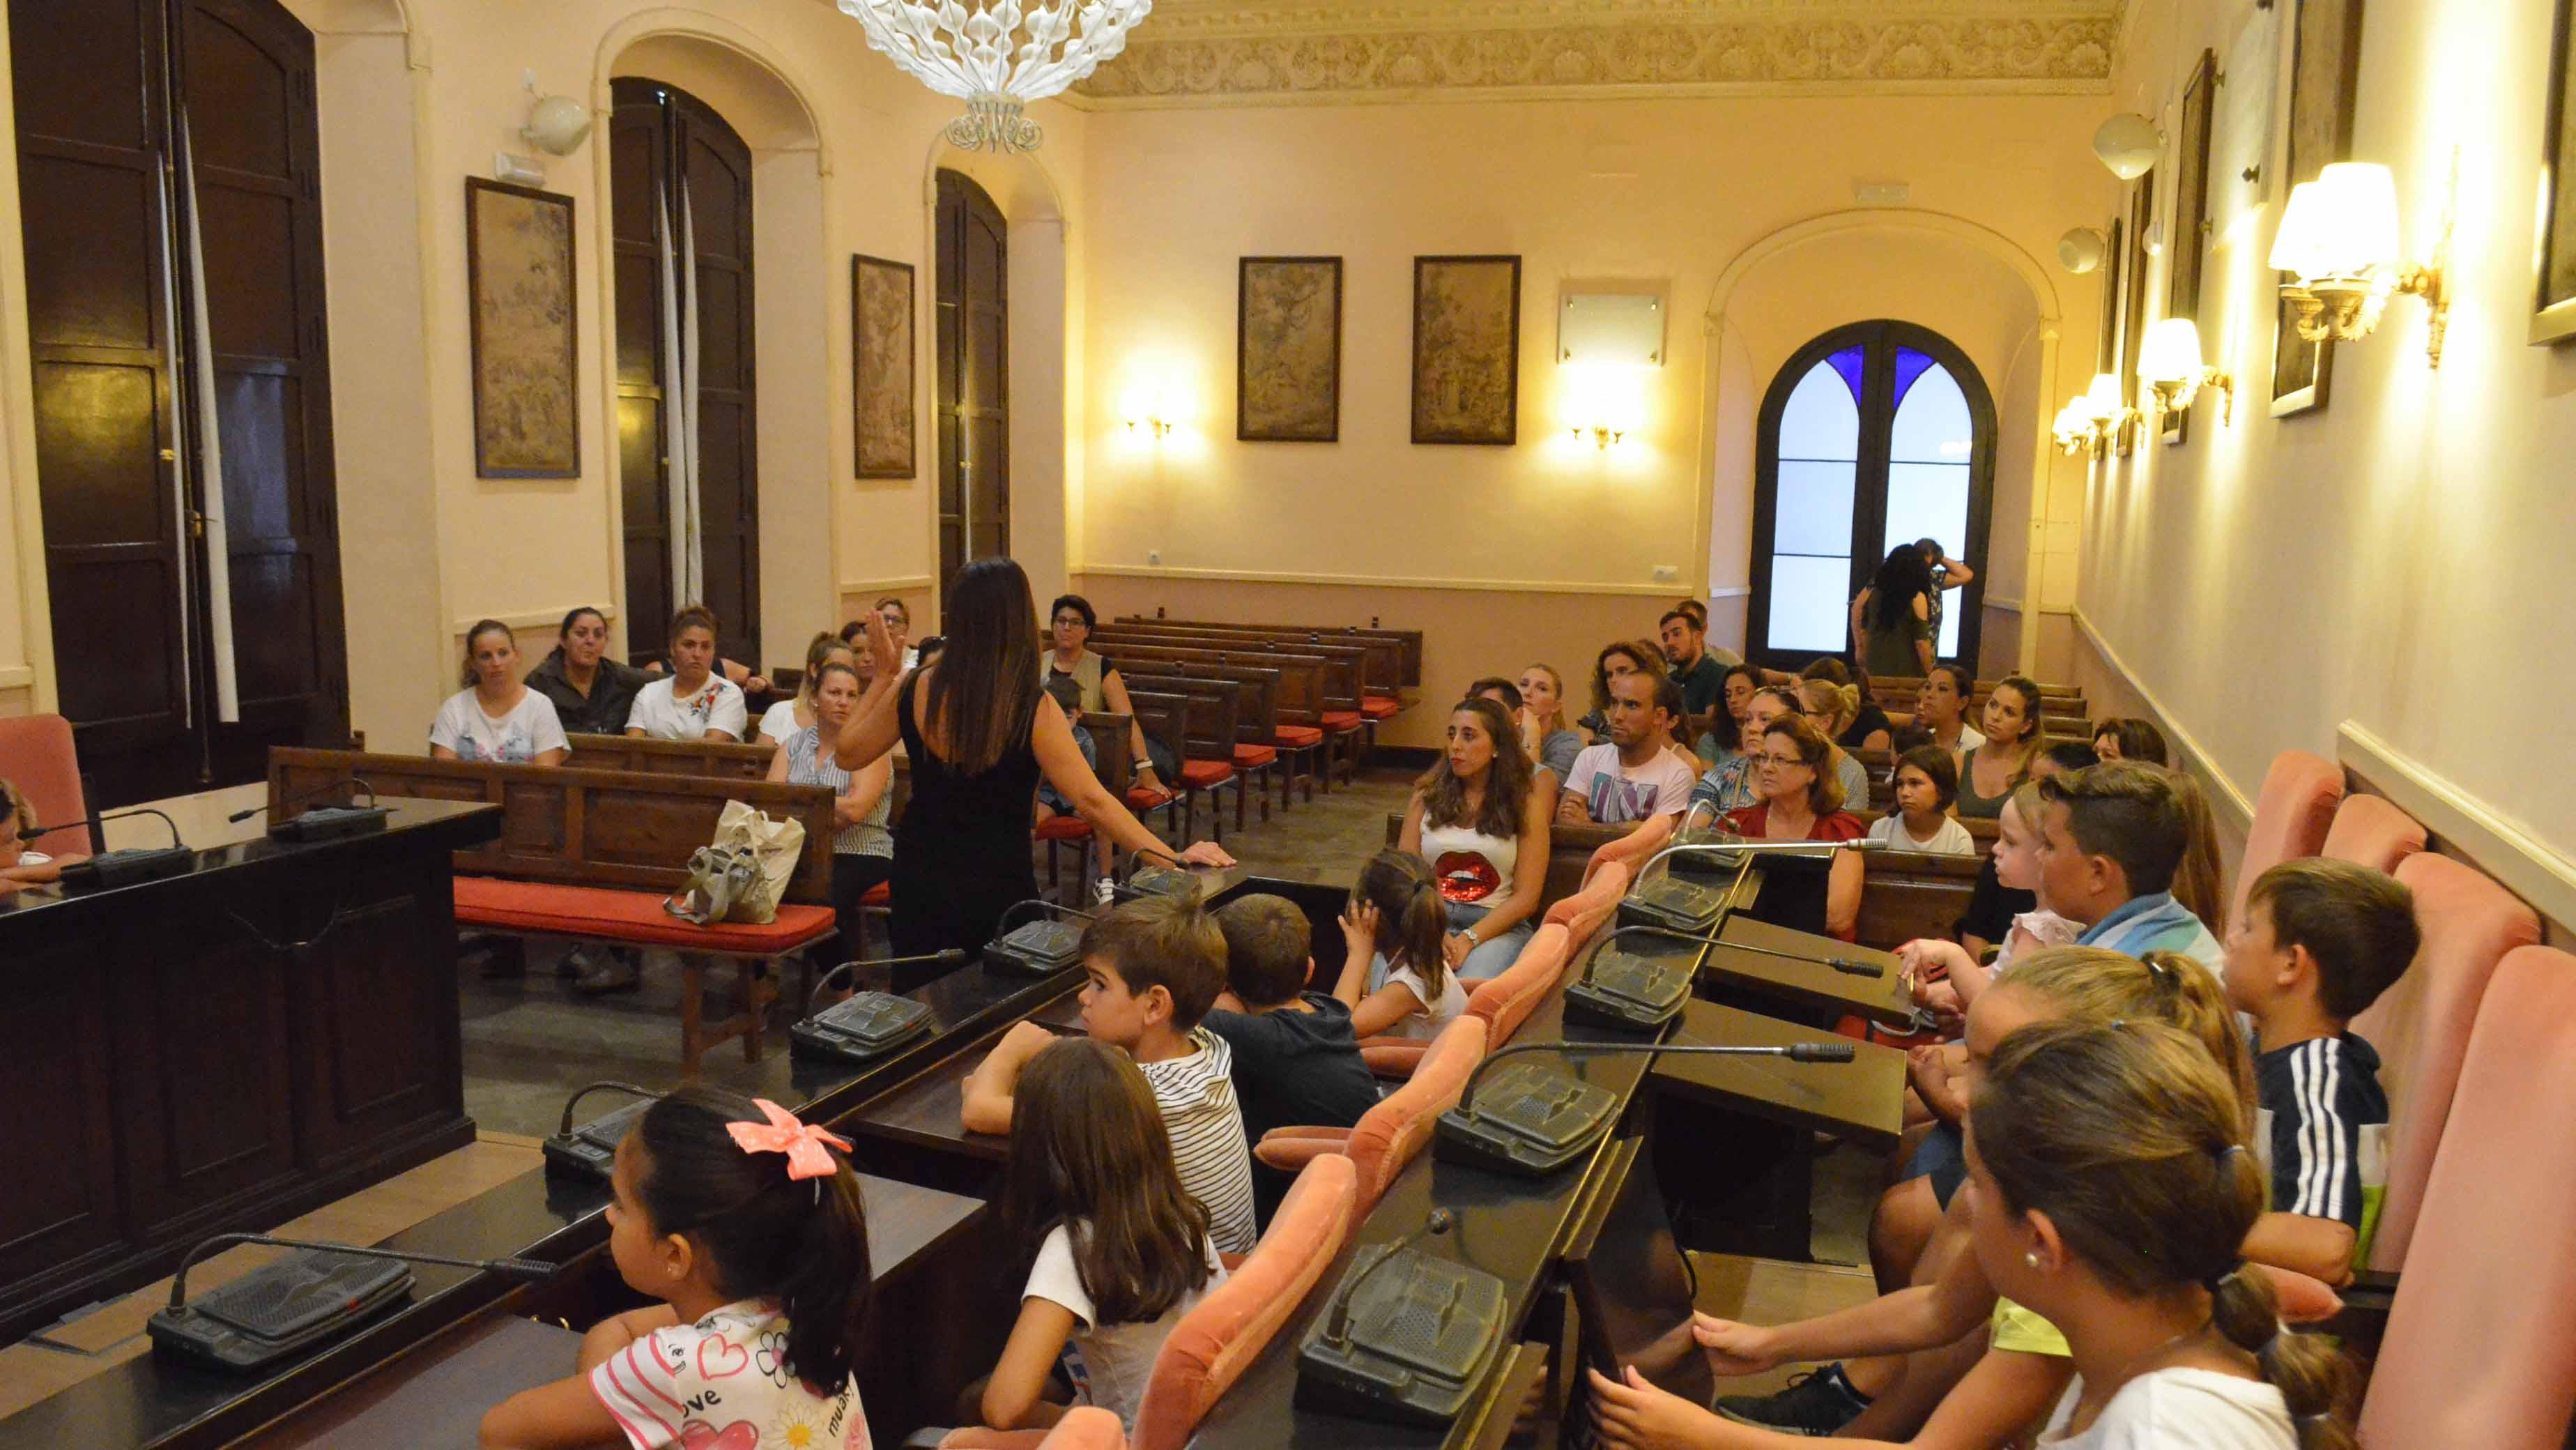 Los padres de los alumnos pidieron ayuda al Ayuntamiento de Utrera